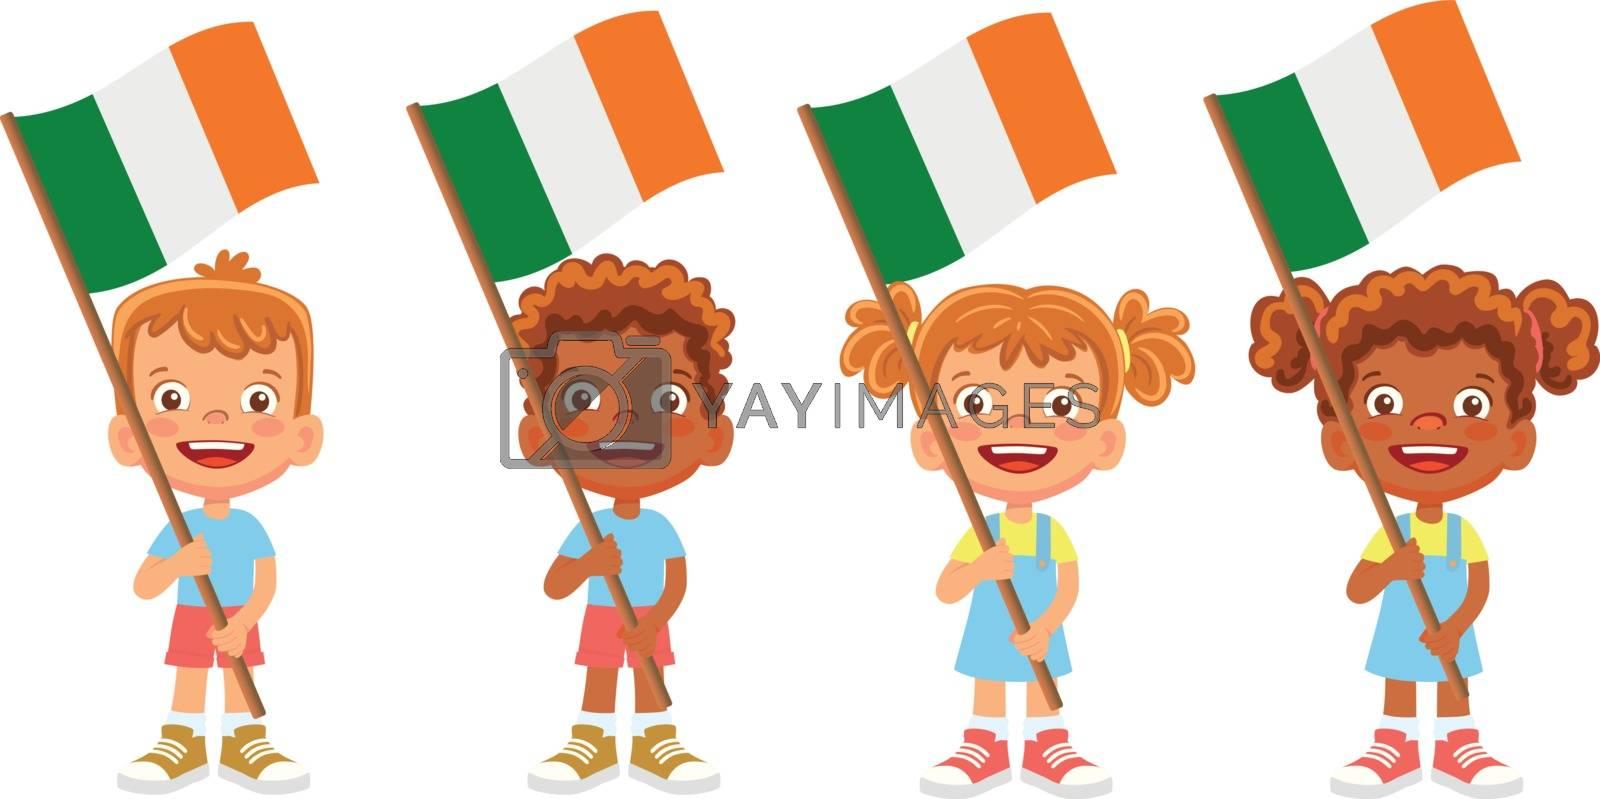 Ireland flag in hand. Children holding flag. National flag of Ireland vector